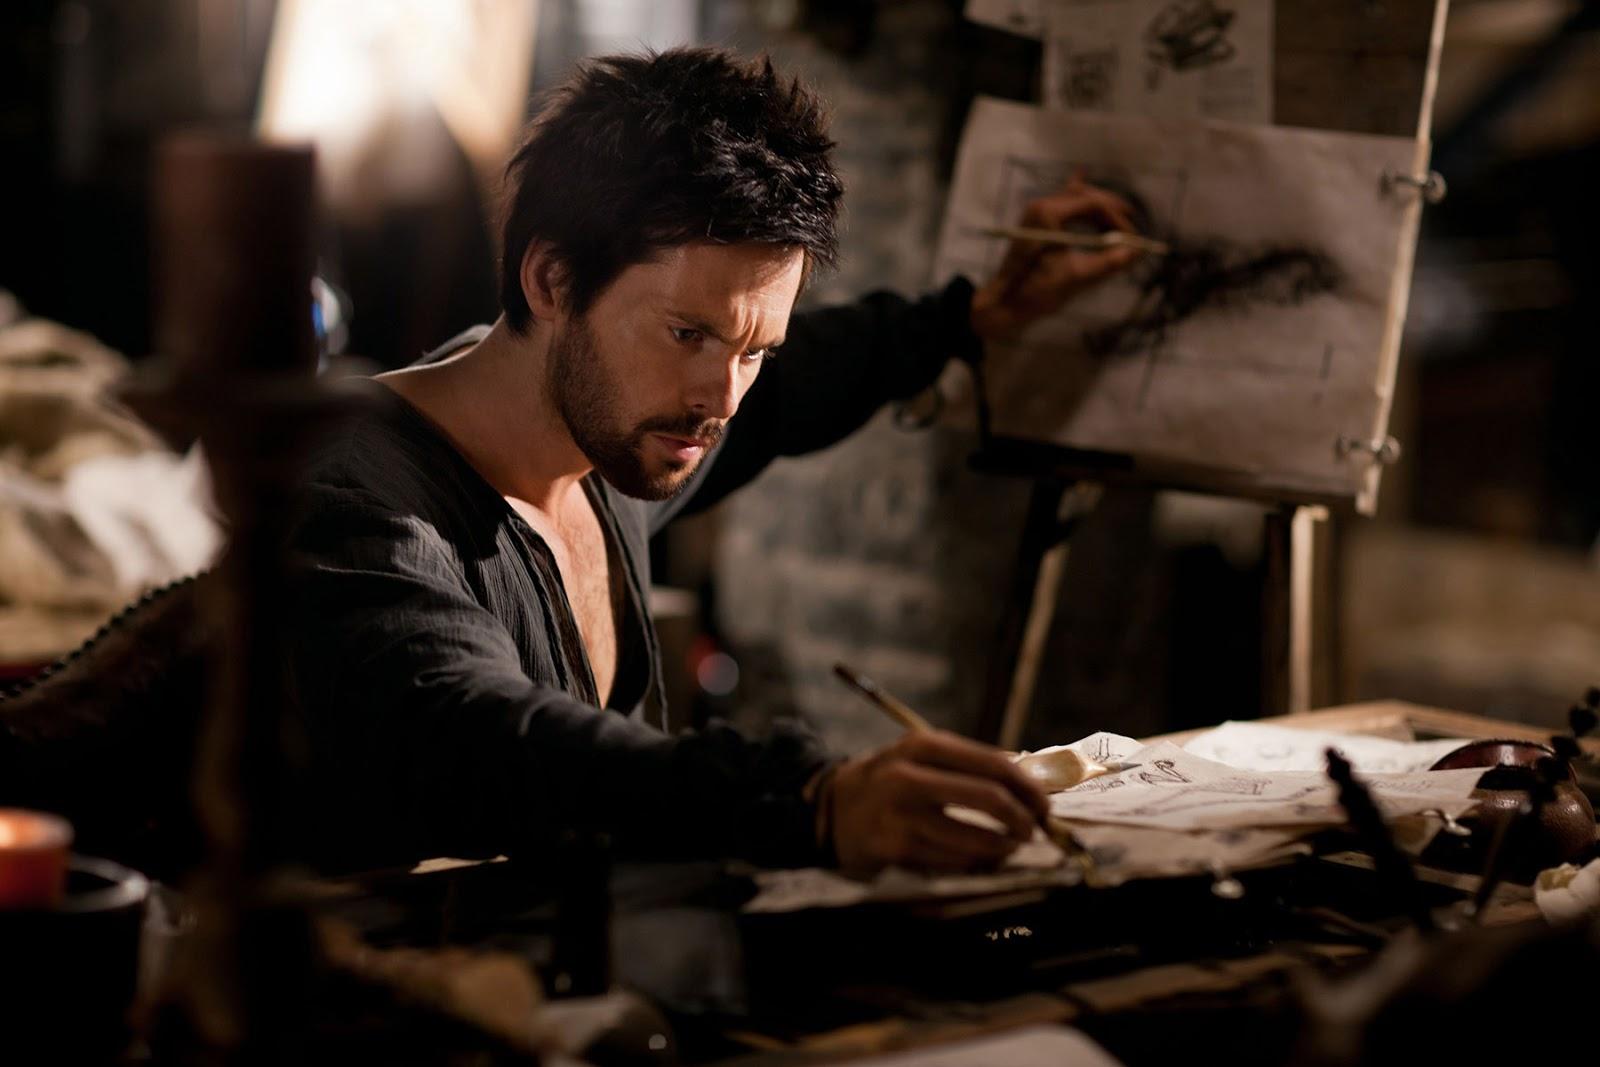 【美劇推薦】《達文西的惡魔:Da Vinci's Demons》第一季影評:充滿想像力的天才冒險史詩 - 黑咖啡聊美劇